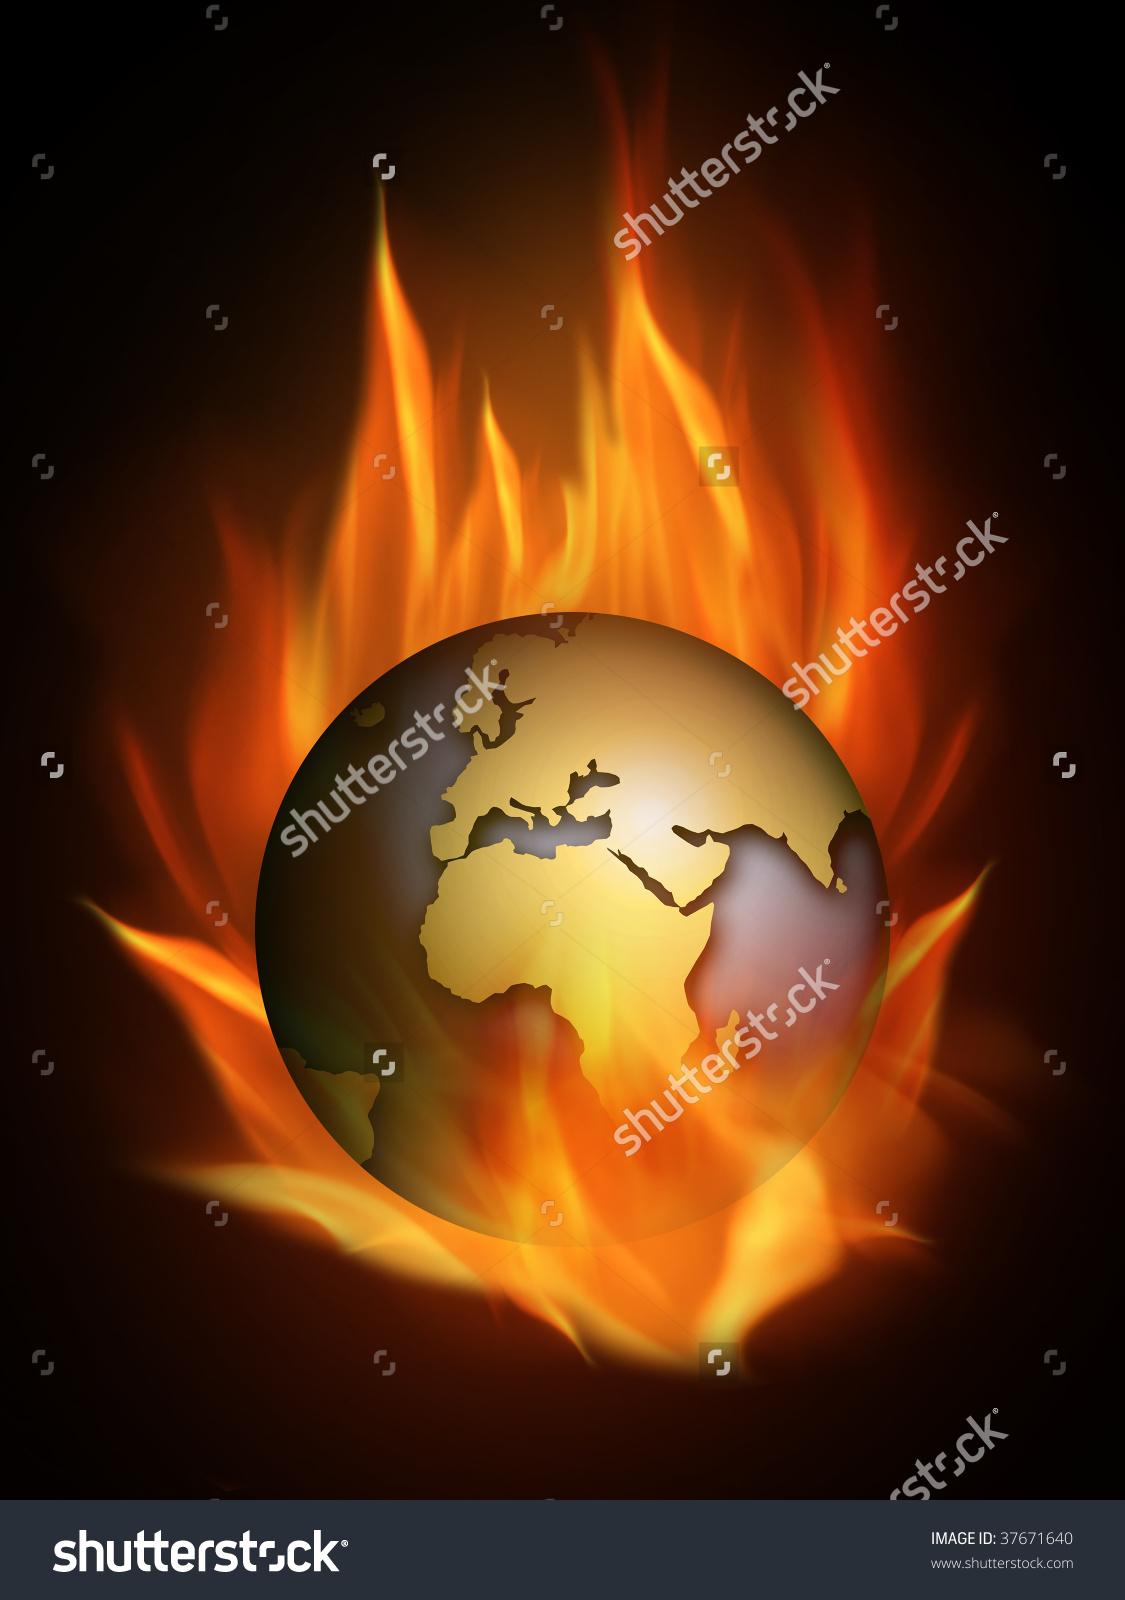 Hot Burning World Many Flames Stock Illustration 37671640.